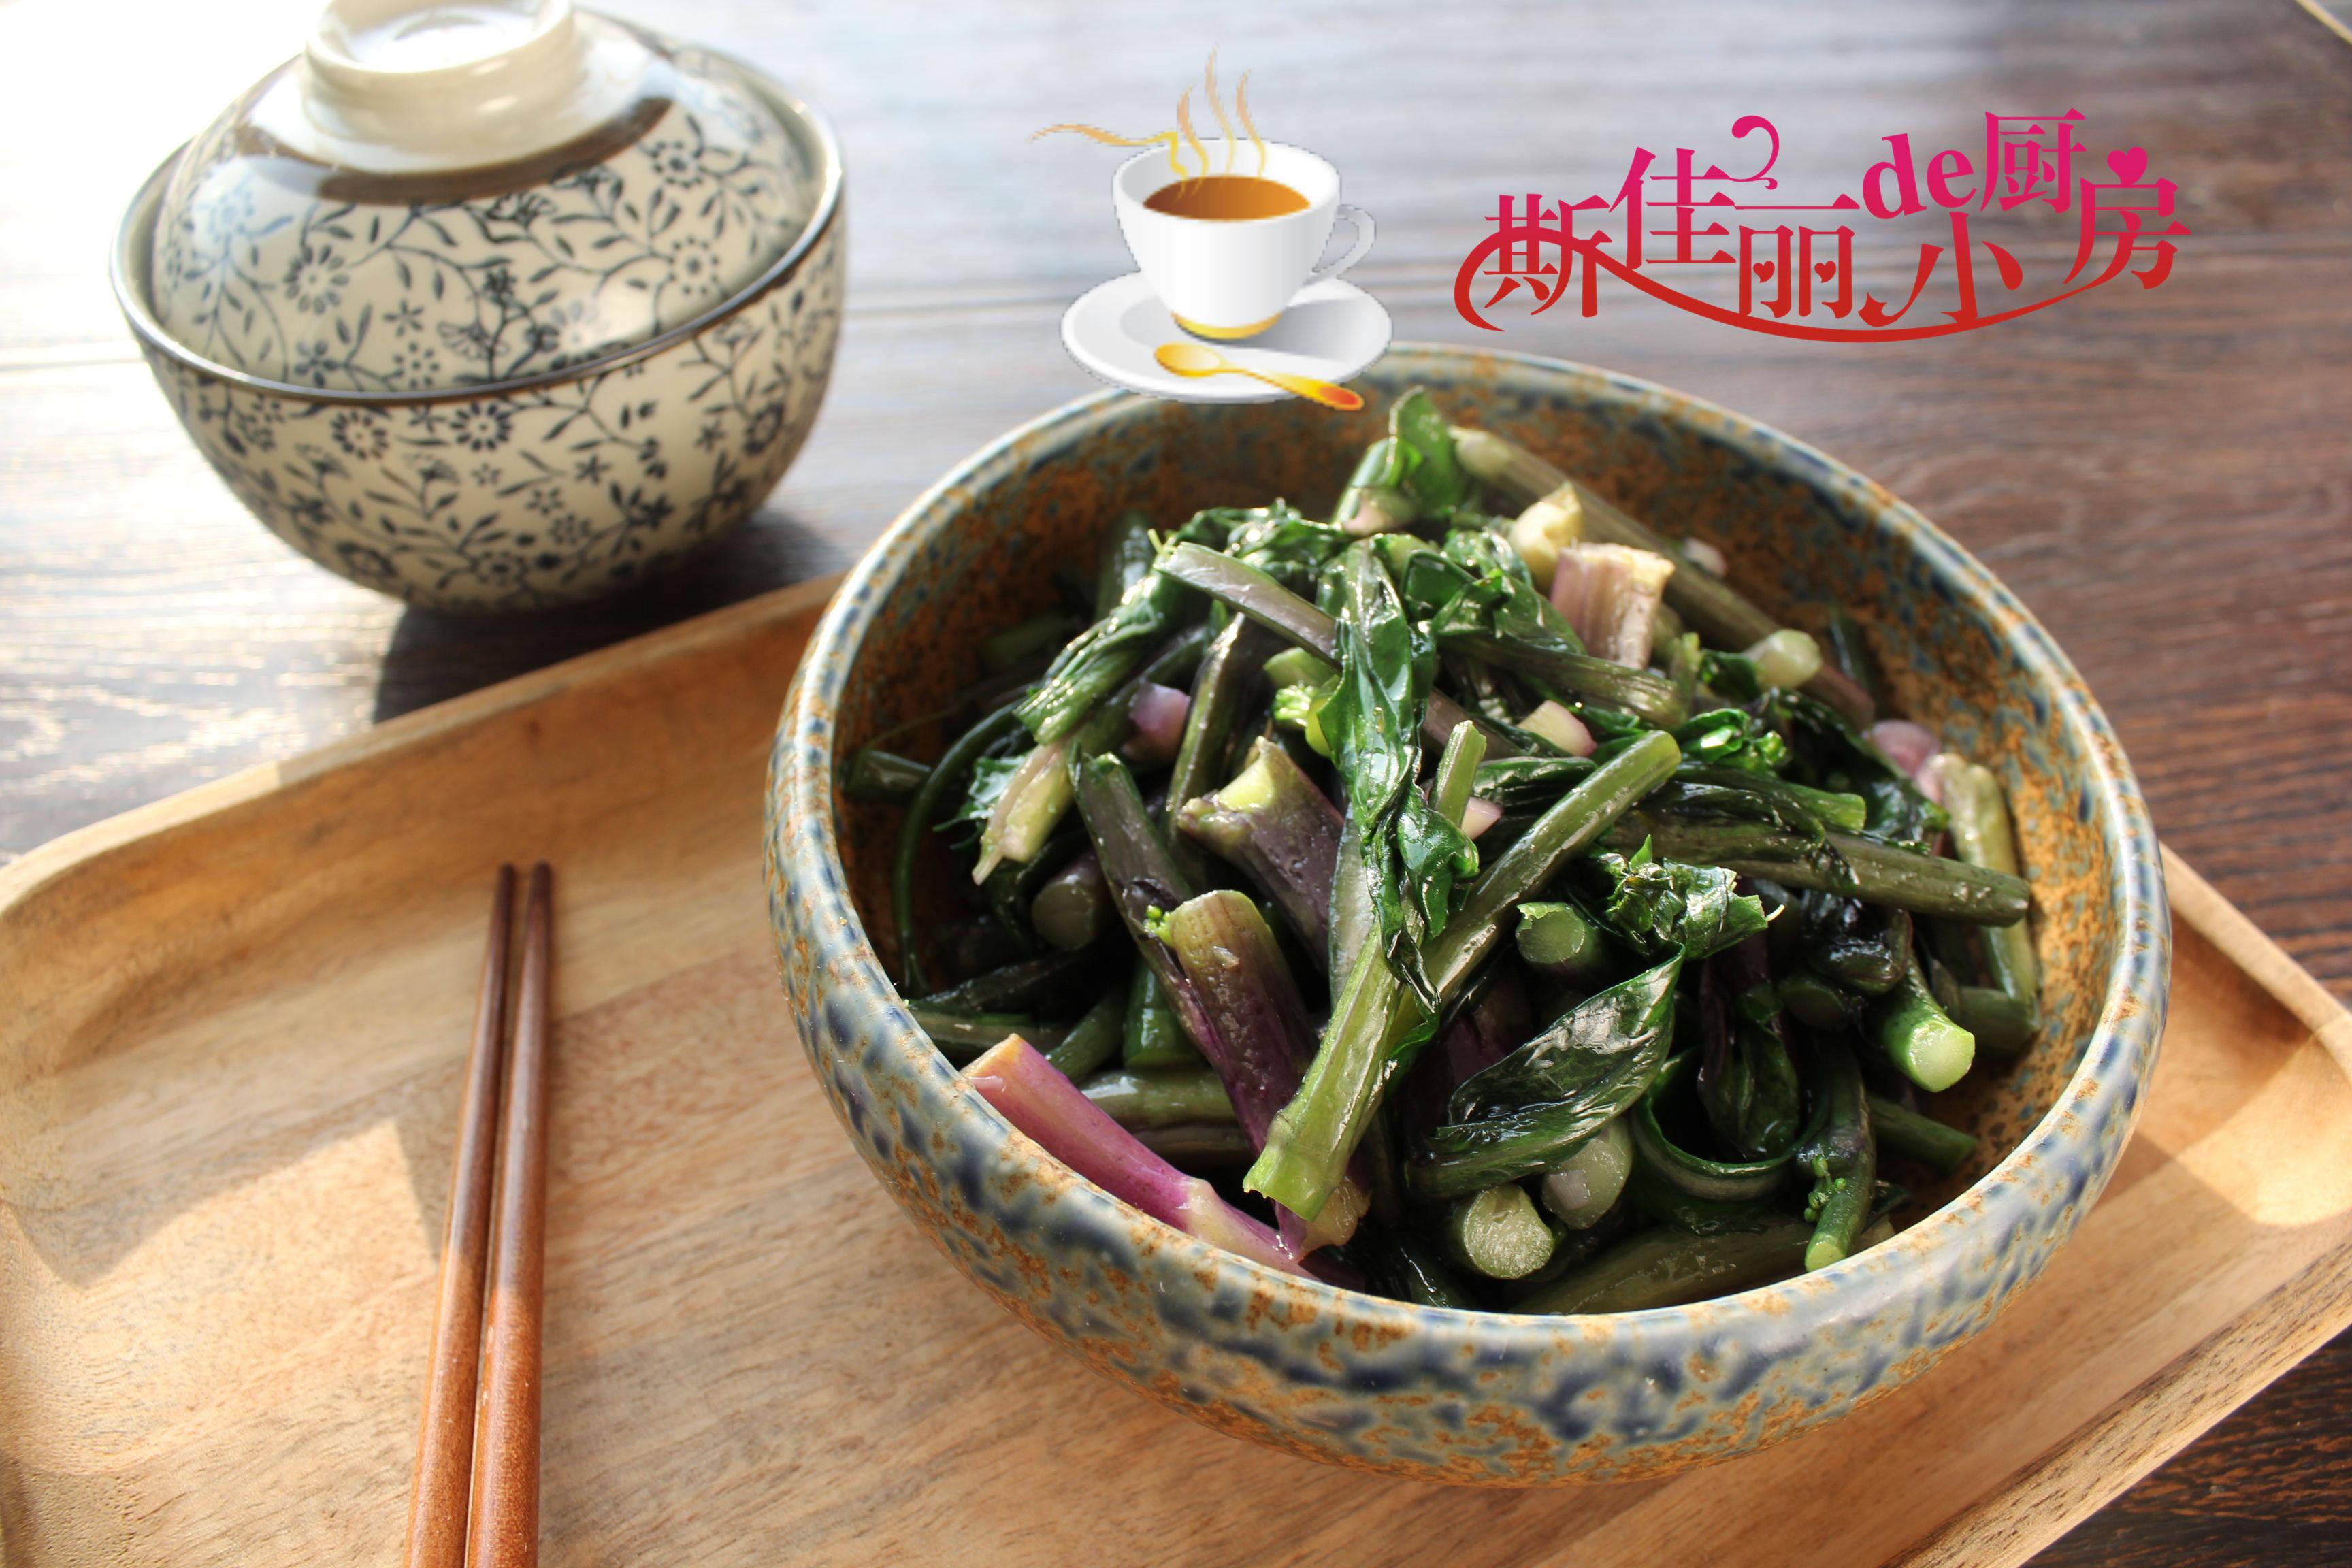 冬天白菜萝卜靠边站,最该多吃的蔬菜是它,清甜爽脆,不懂可惜了